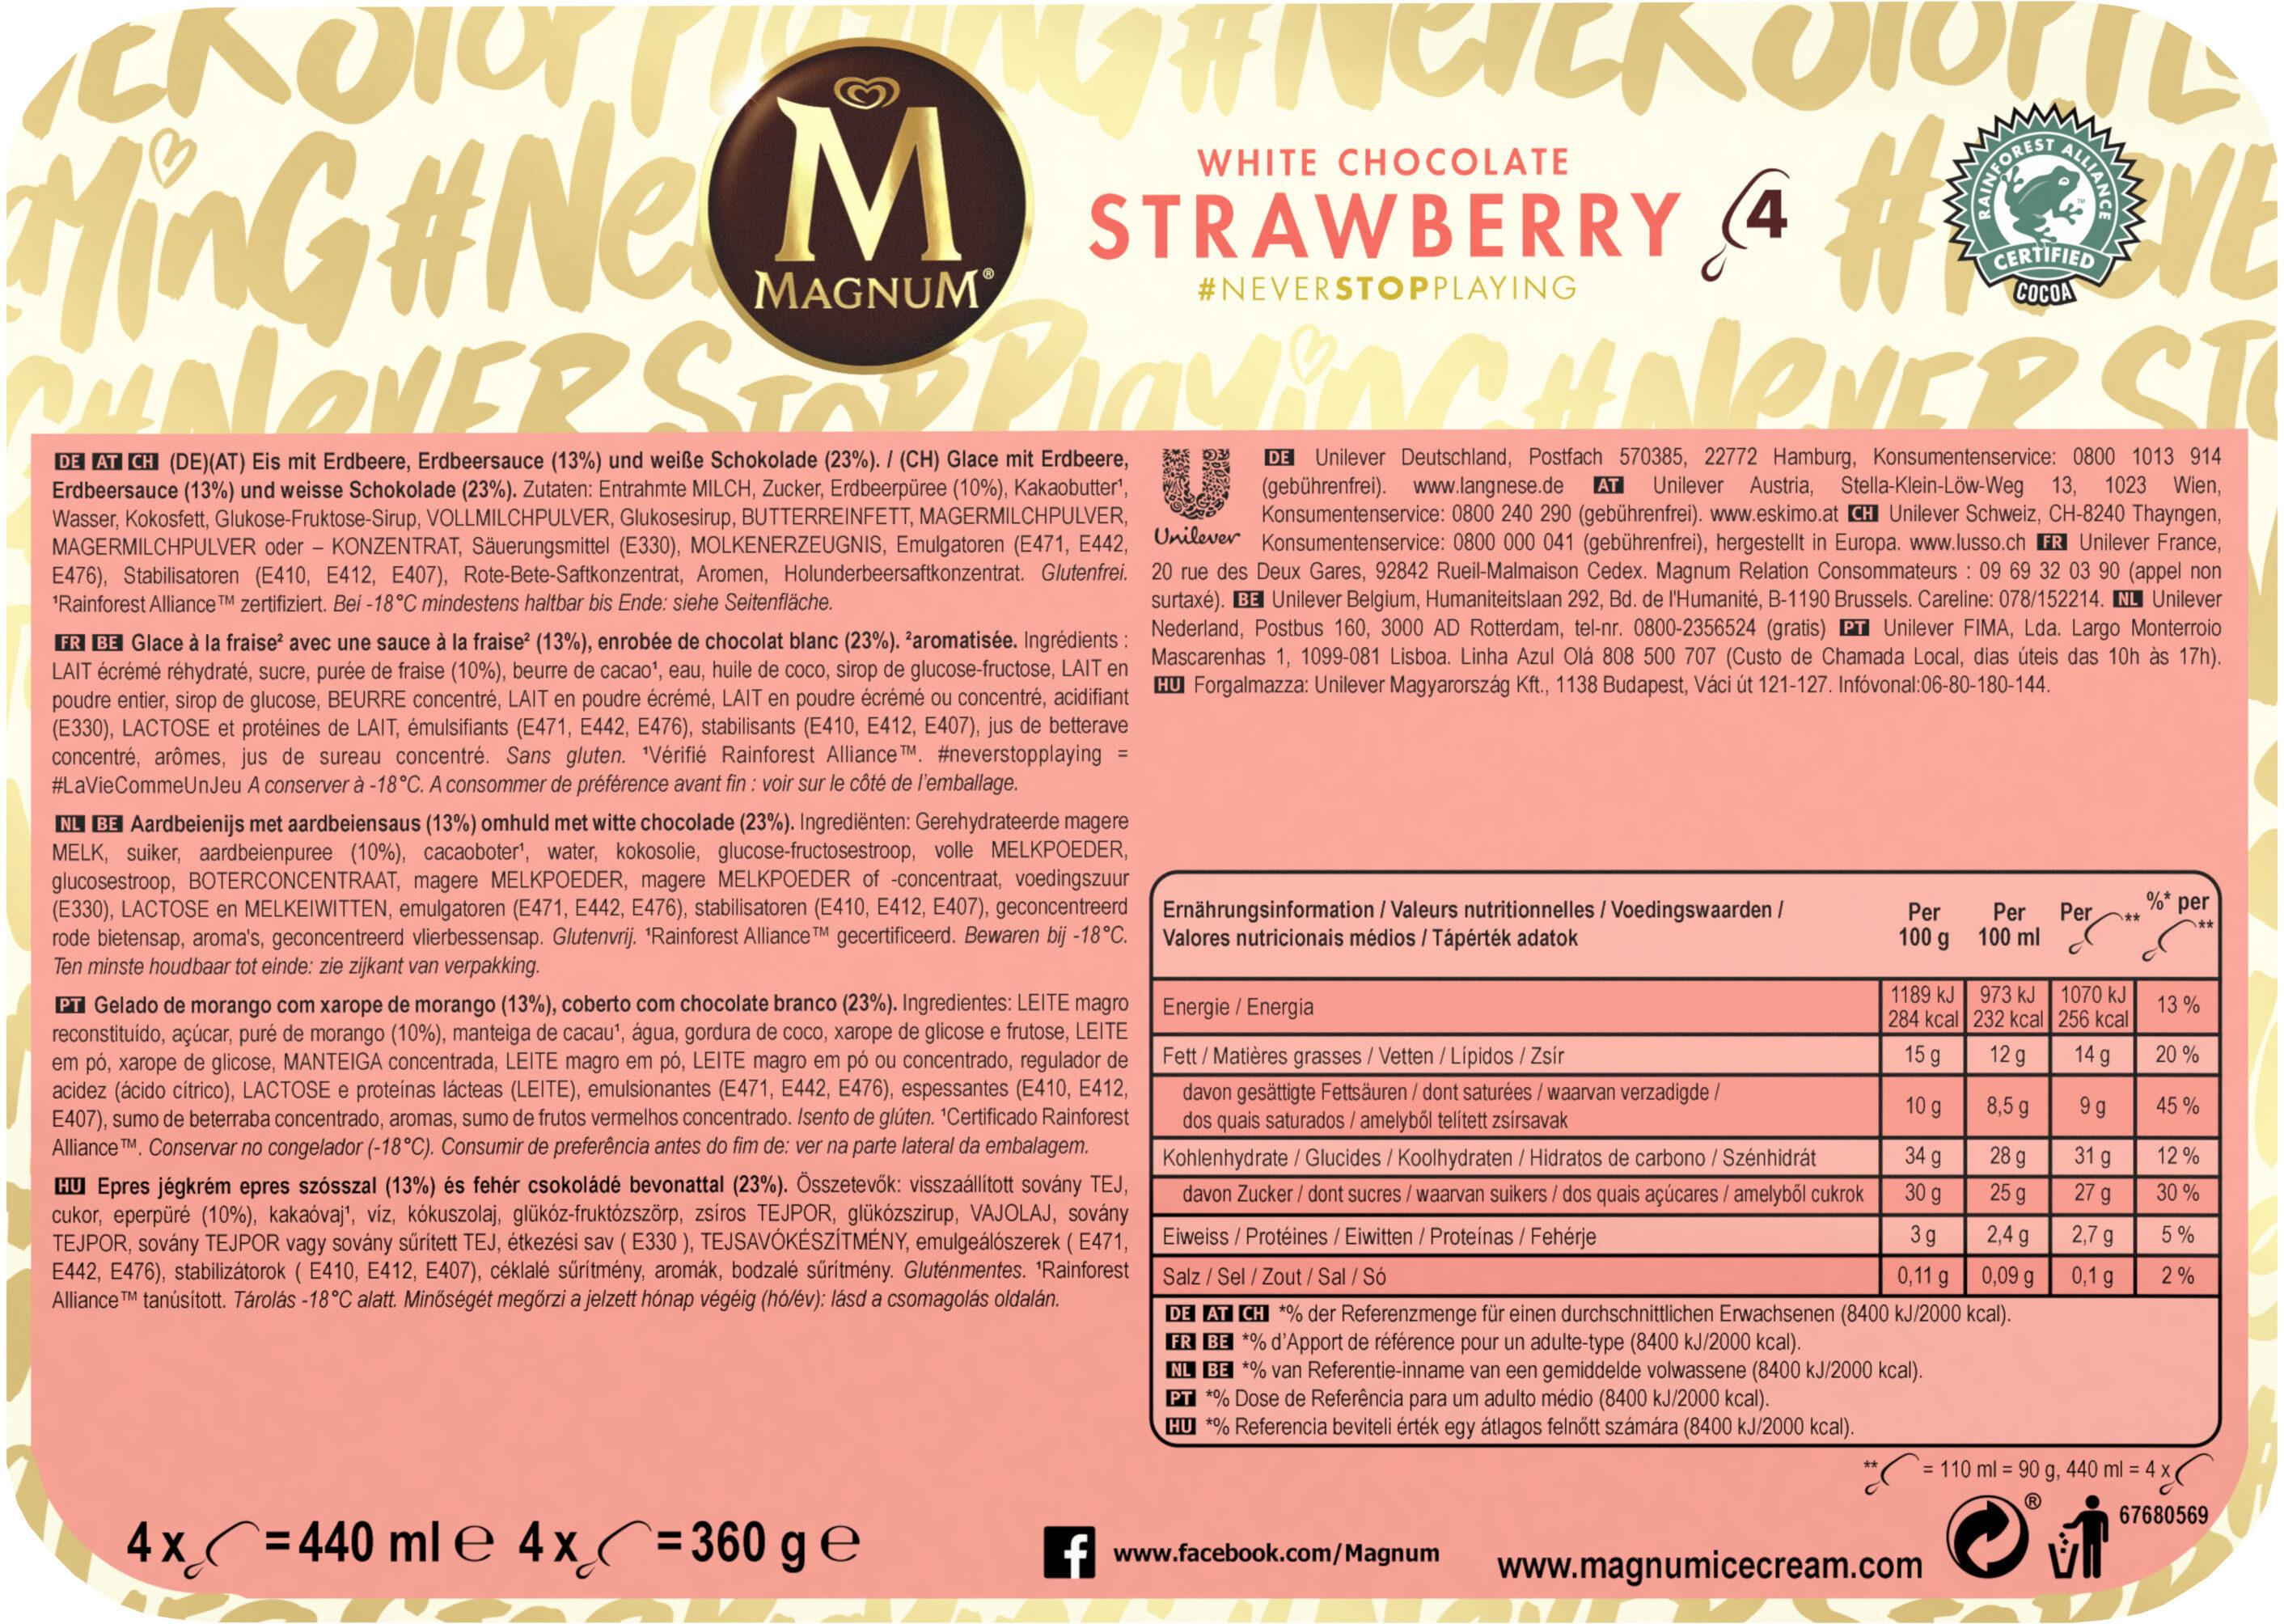 Magnum Batonnet Glace Chocolat Blanc Fraise x4 440ml - Informations nutritionnelles - fr